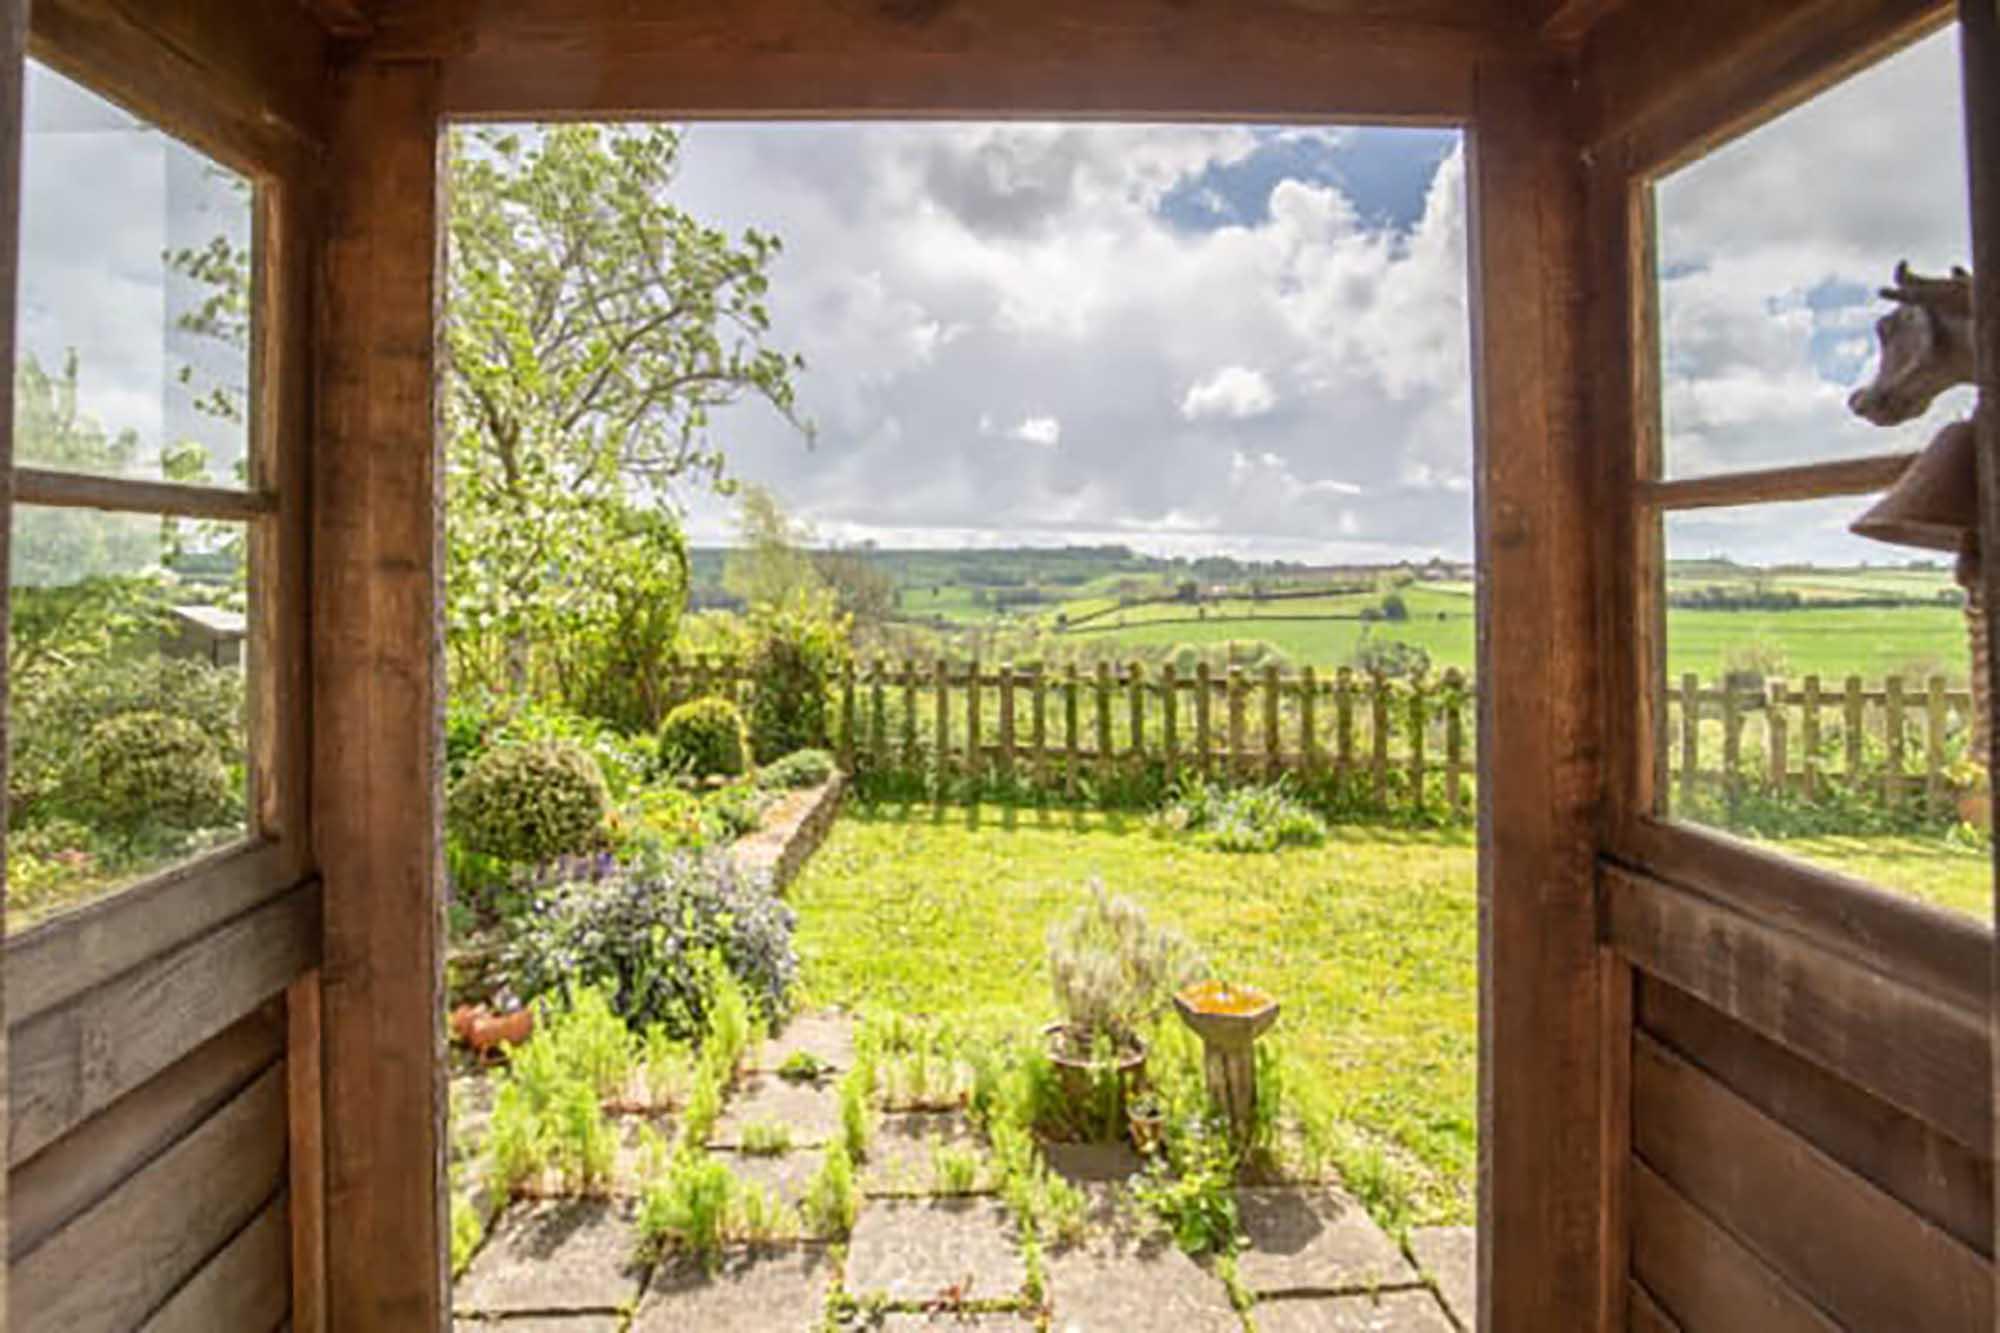 Batcombe-glorious panoramic views